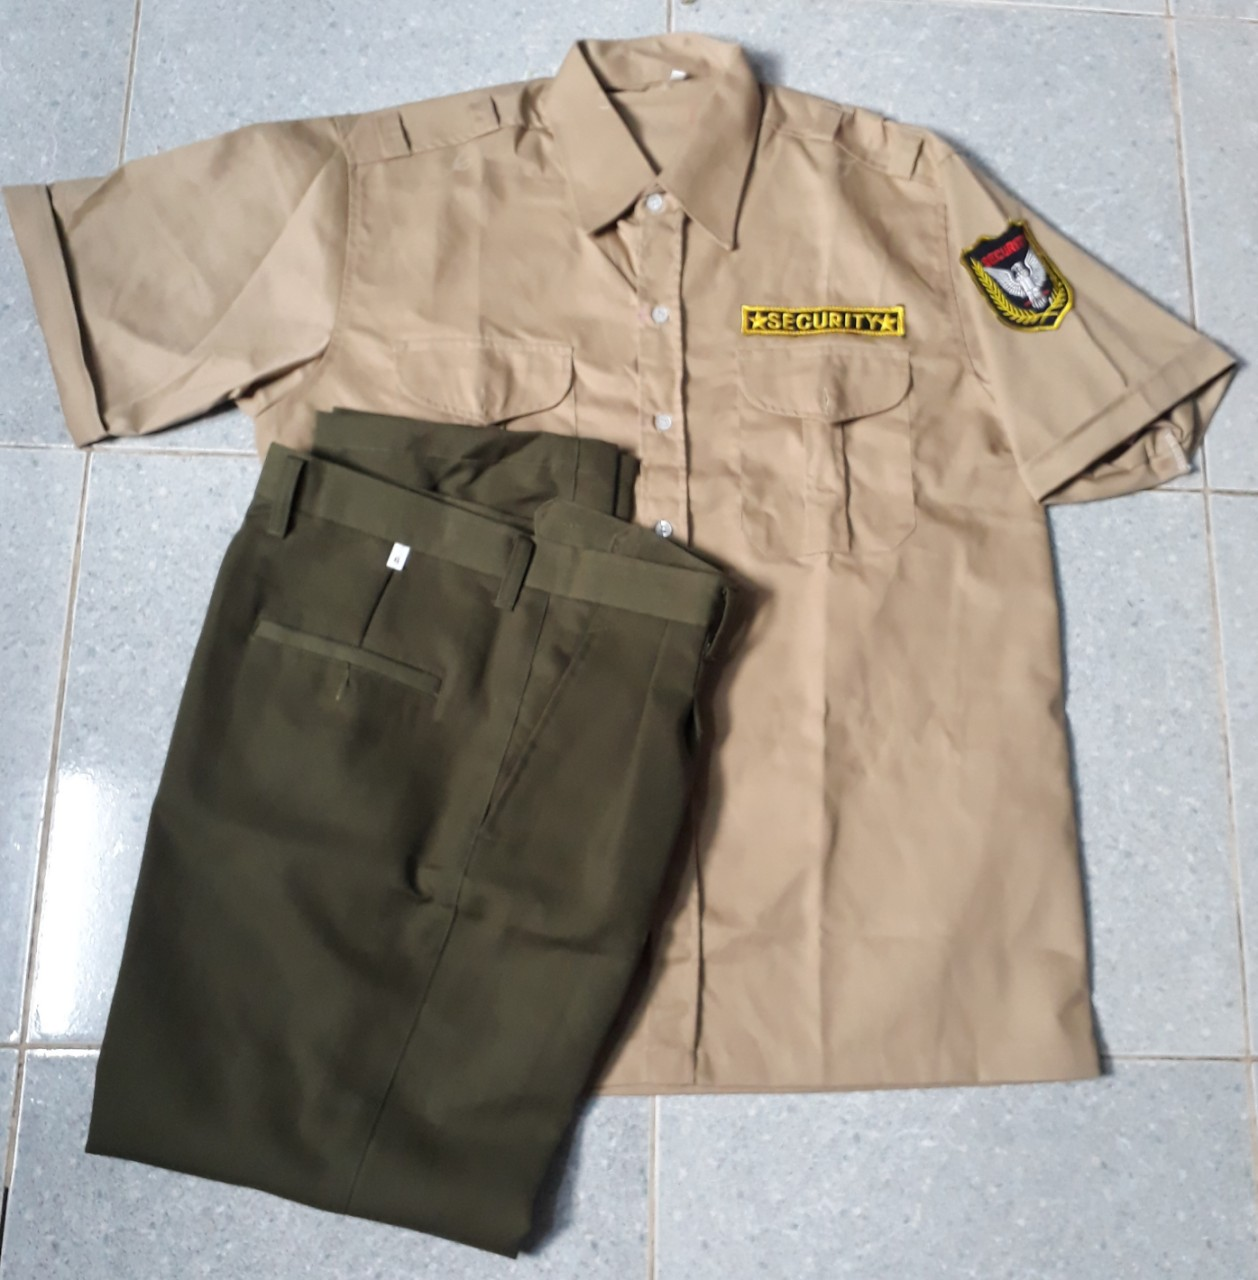 Bộ bảo vệ áo màu cafe sữa kaki 65/35, quần xanh rêu kaki Thành Công loại 1